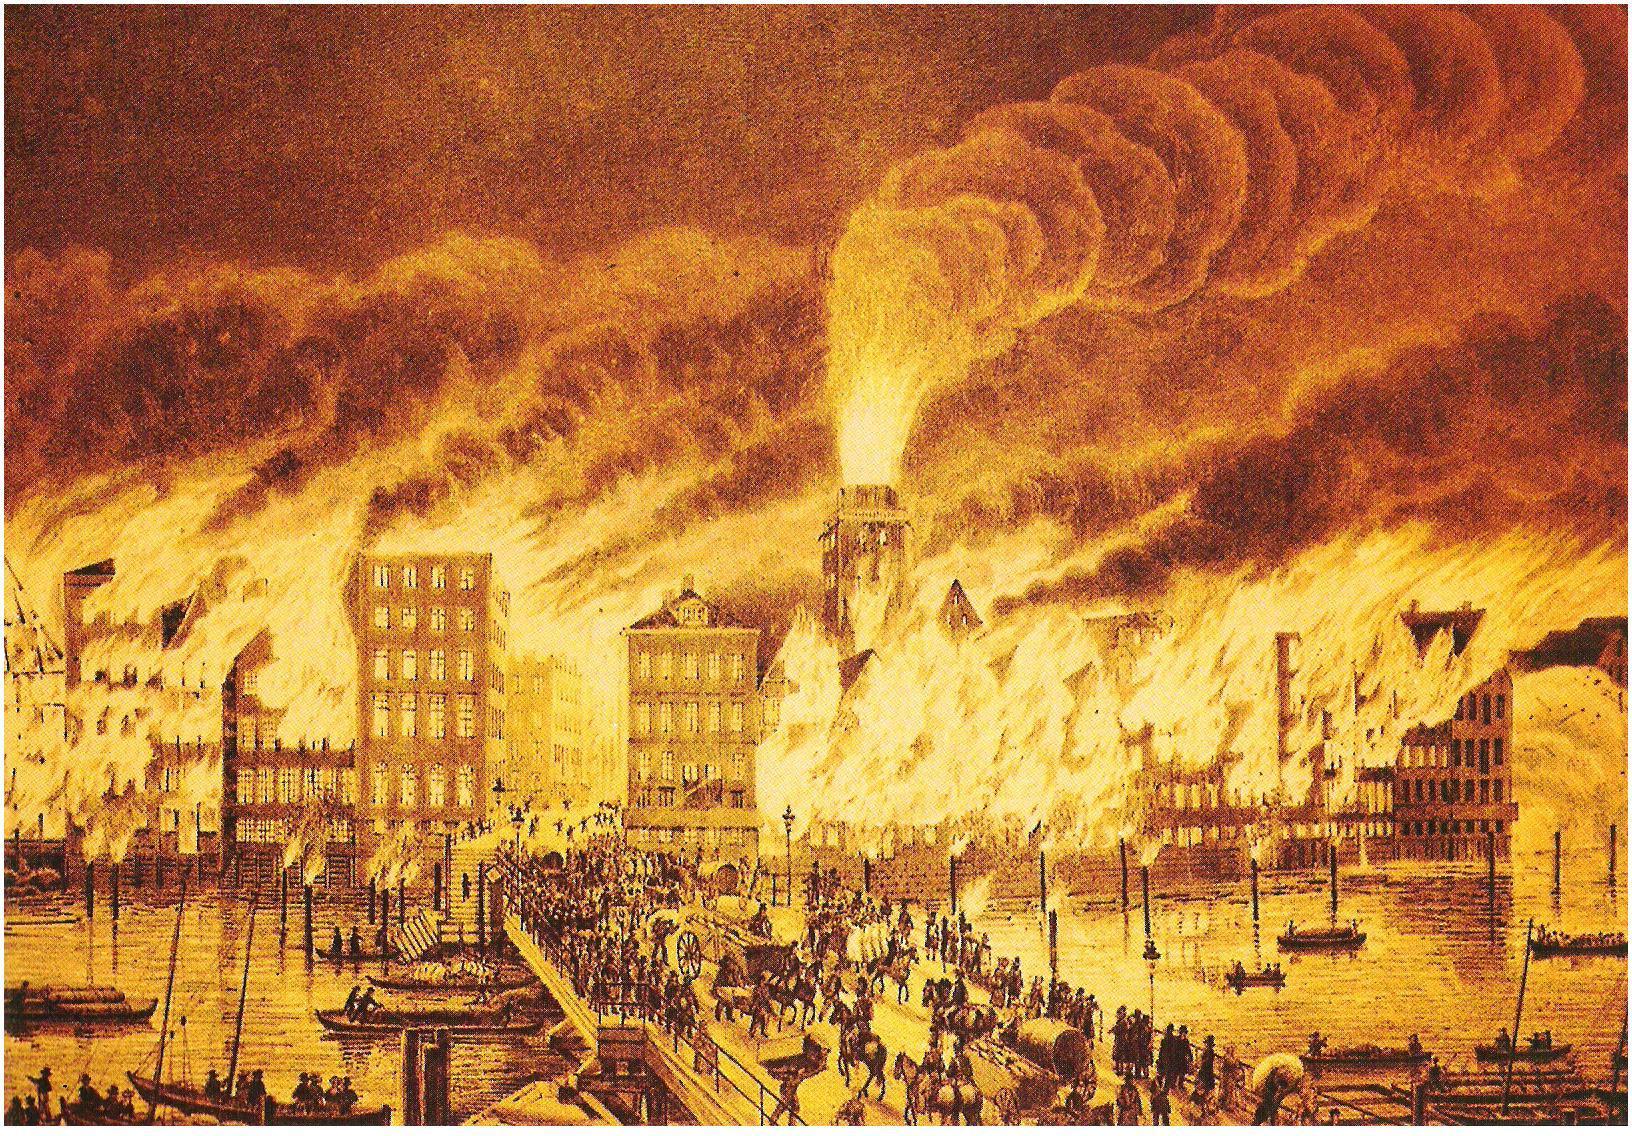 من أسوا الأشياء التي تتخلف بعد الحرائق هي القضاء على الآثار والتراث وهذا ما  حدث في حريق كوبانهاجن بالدنمارك عام 1728 والذي استمر ثلاث أيام قضى فيها على  ...